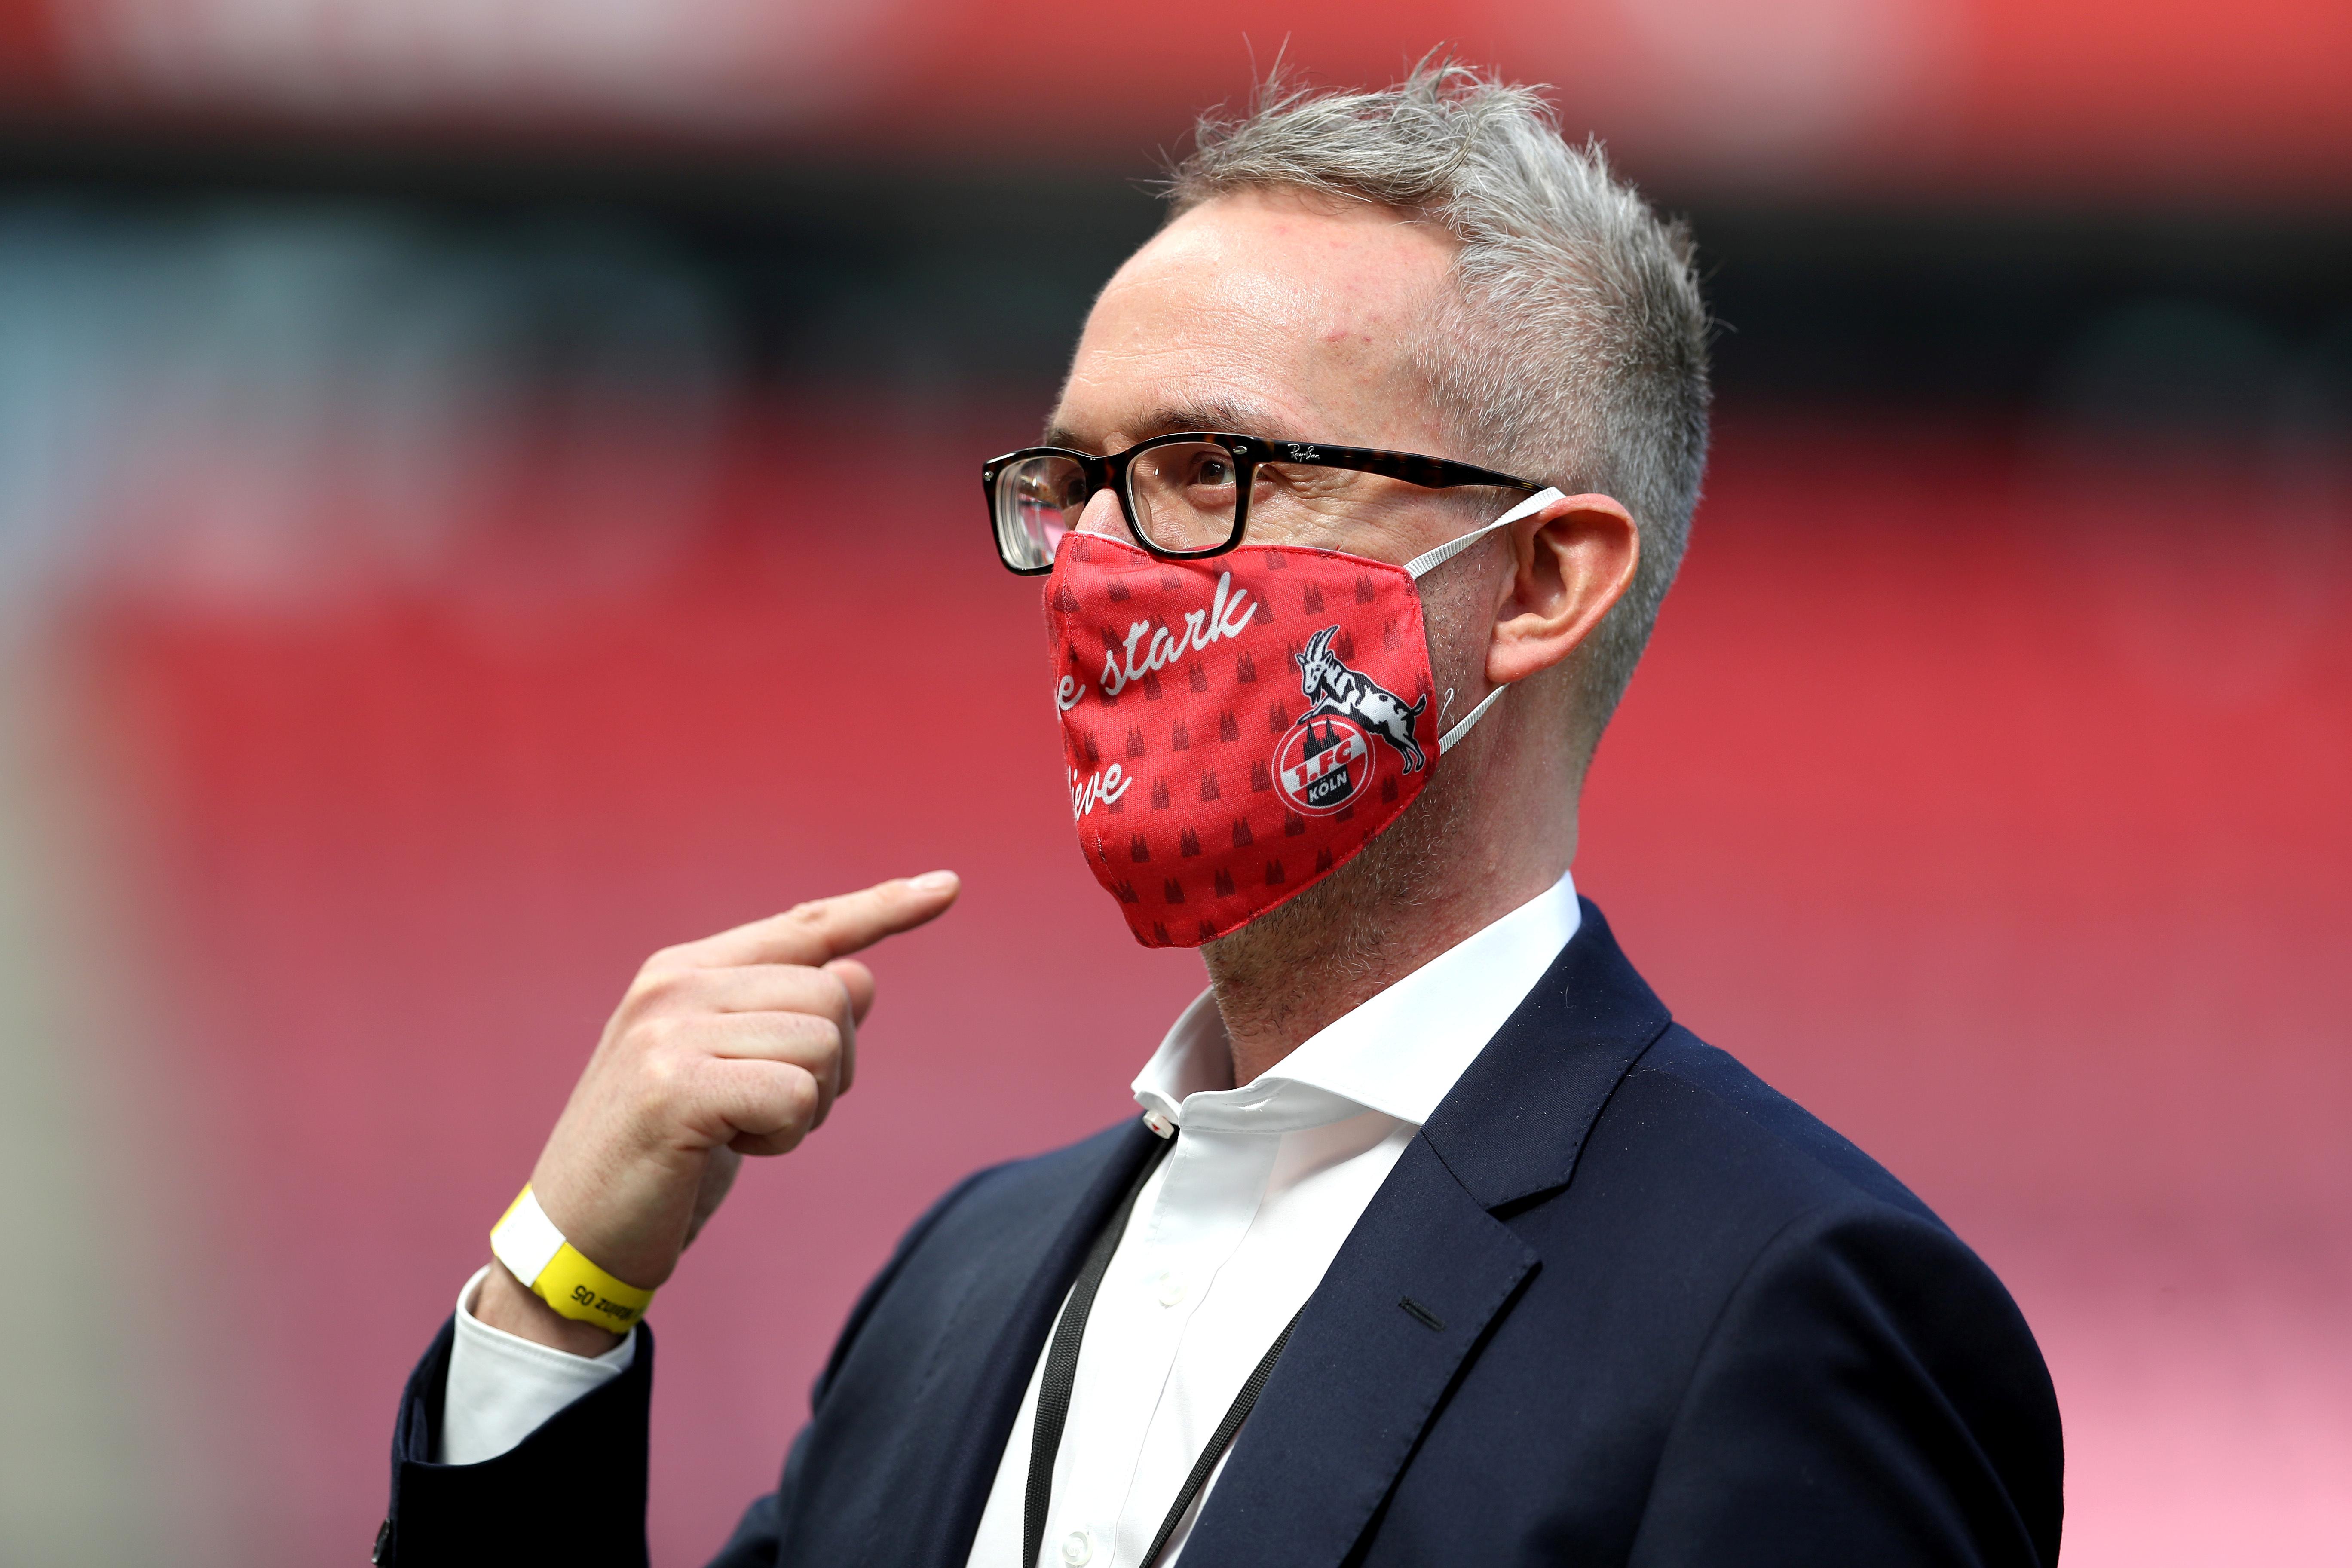 El entrenador del FC Colonia señala su barbijo con los colores y el escudo del club